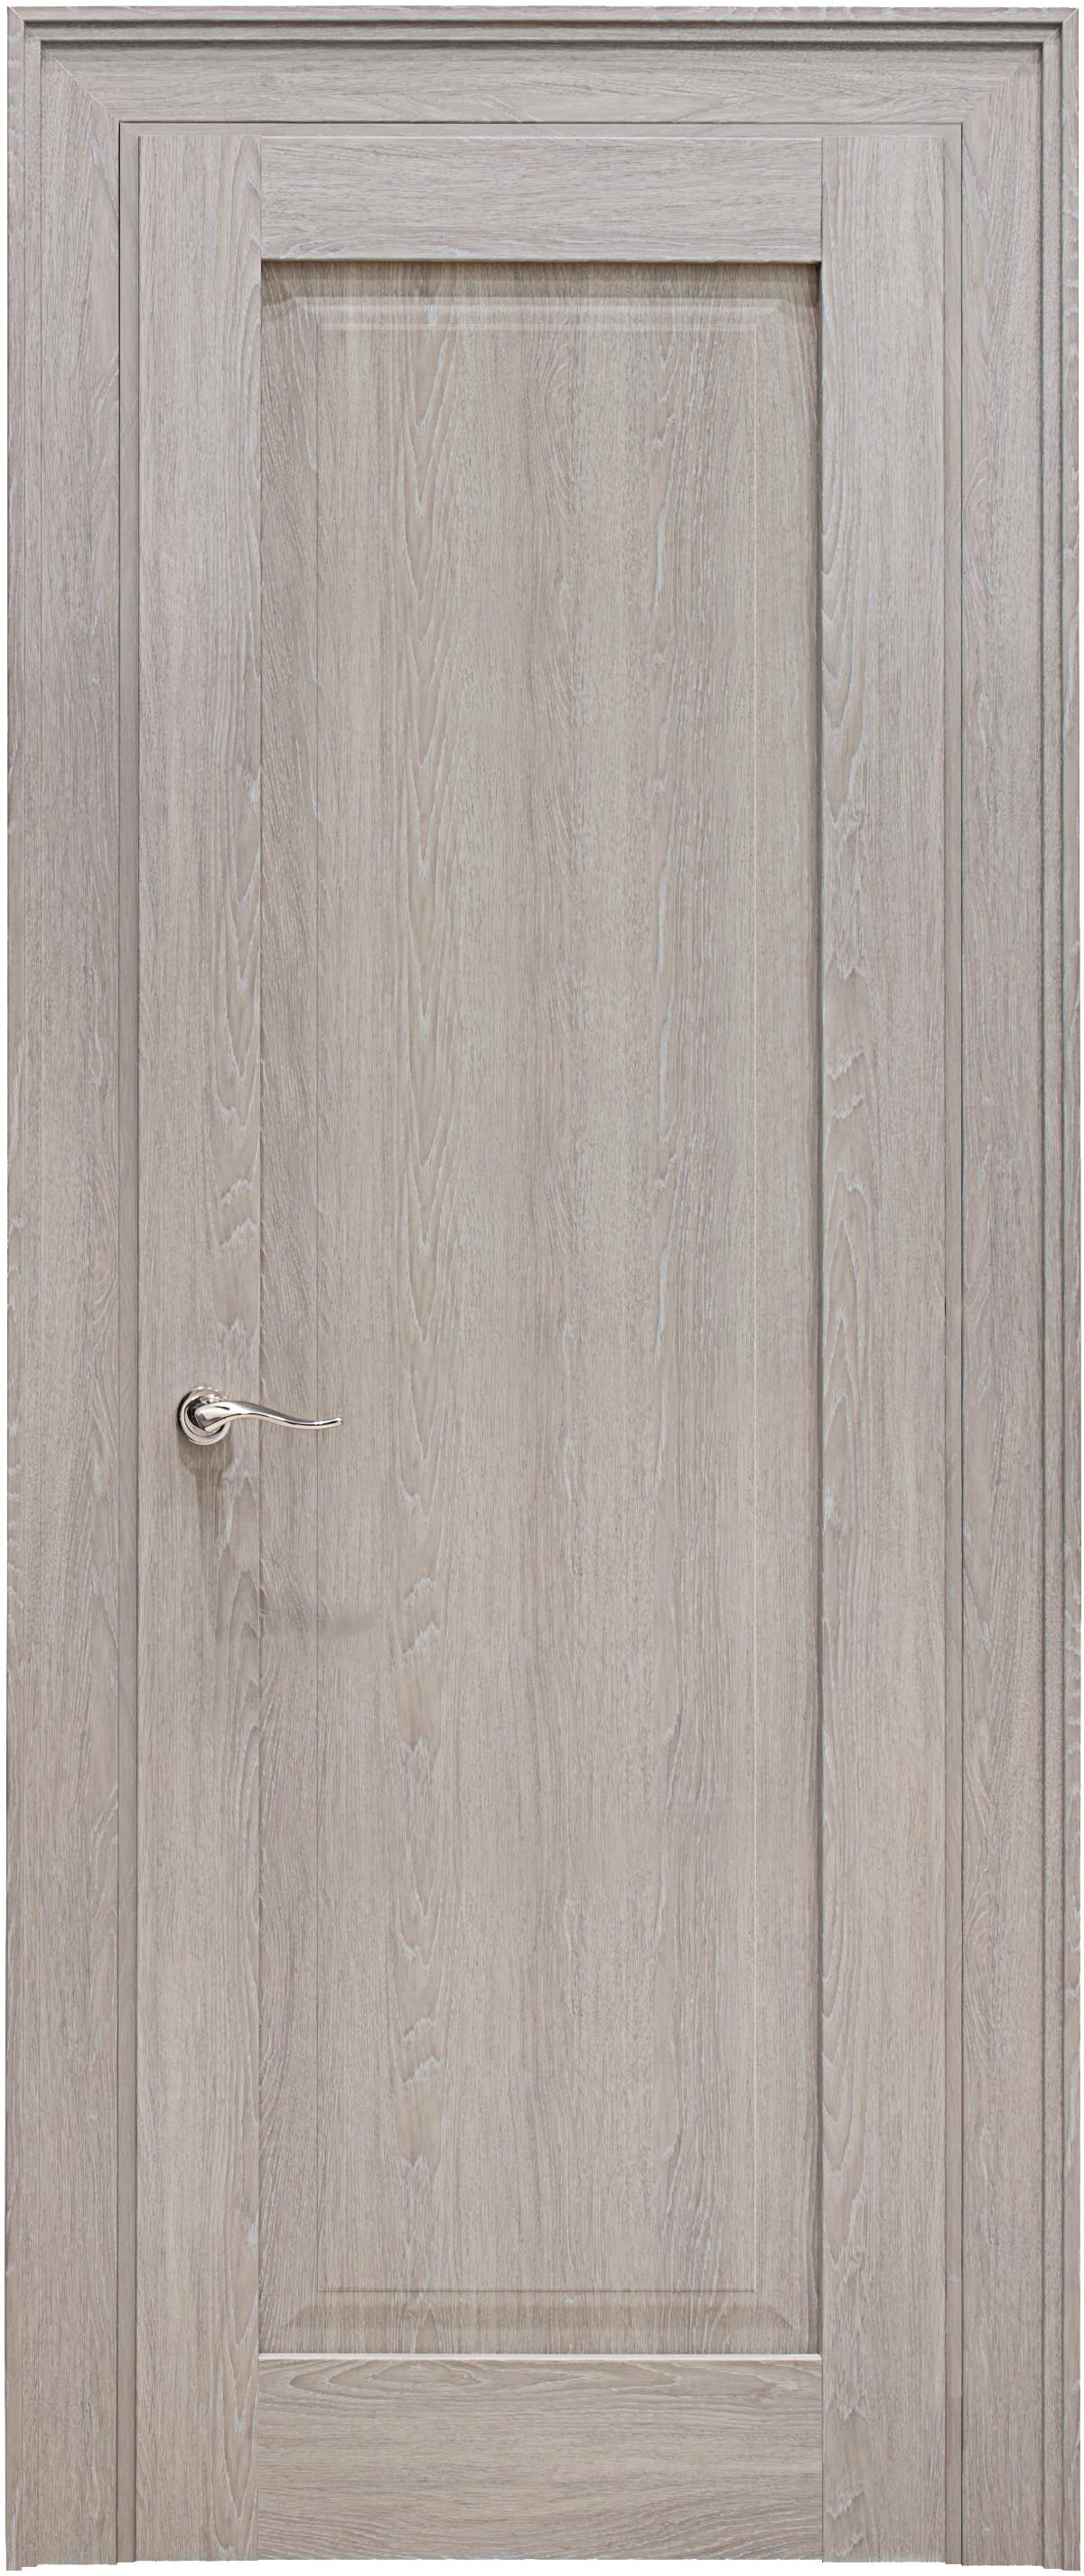 Межкомнатная / входная дверь, отделка: экошпон ДУБ DECAPE, Solo Classic 1F